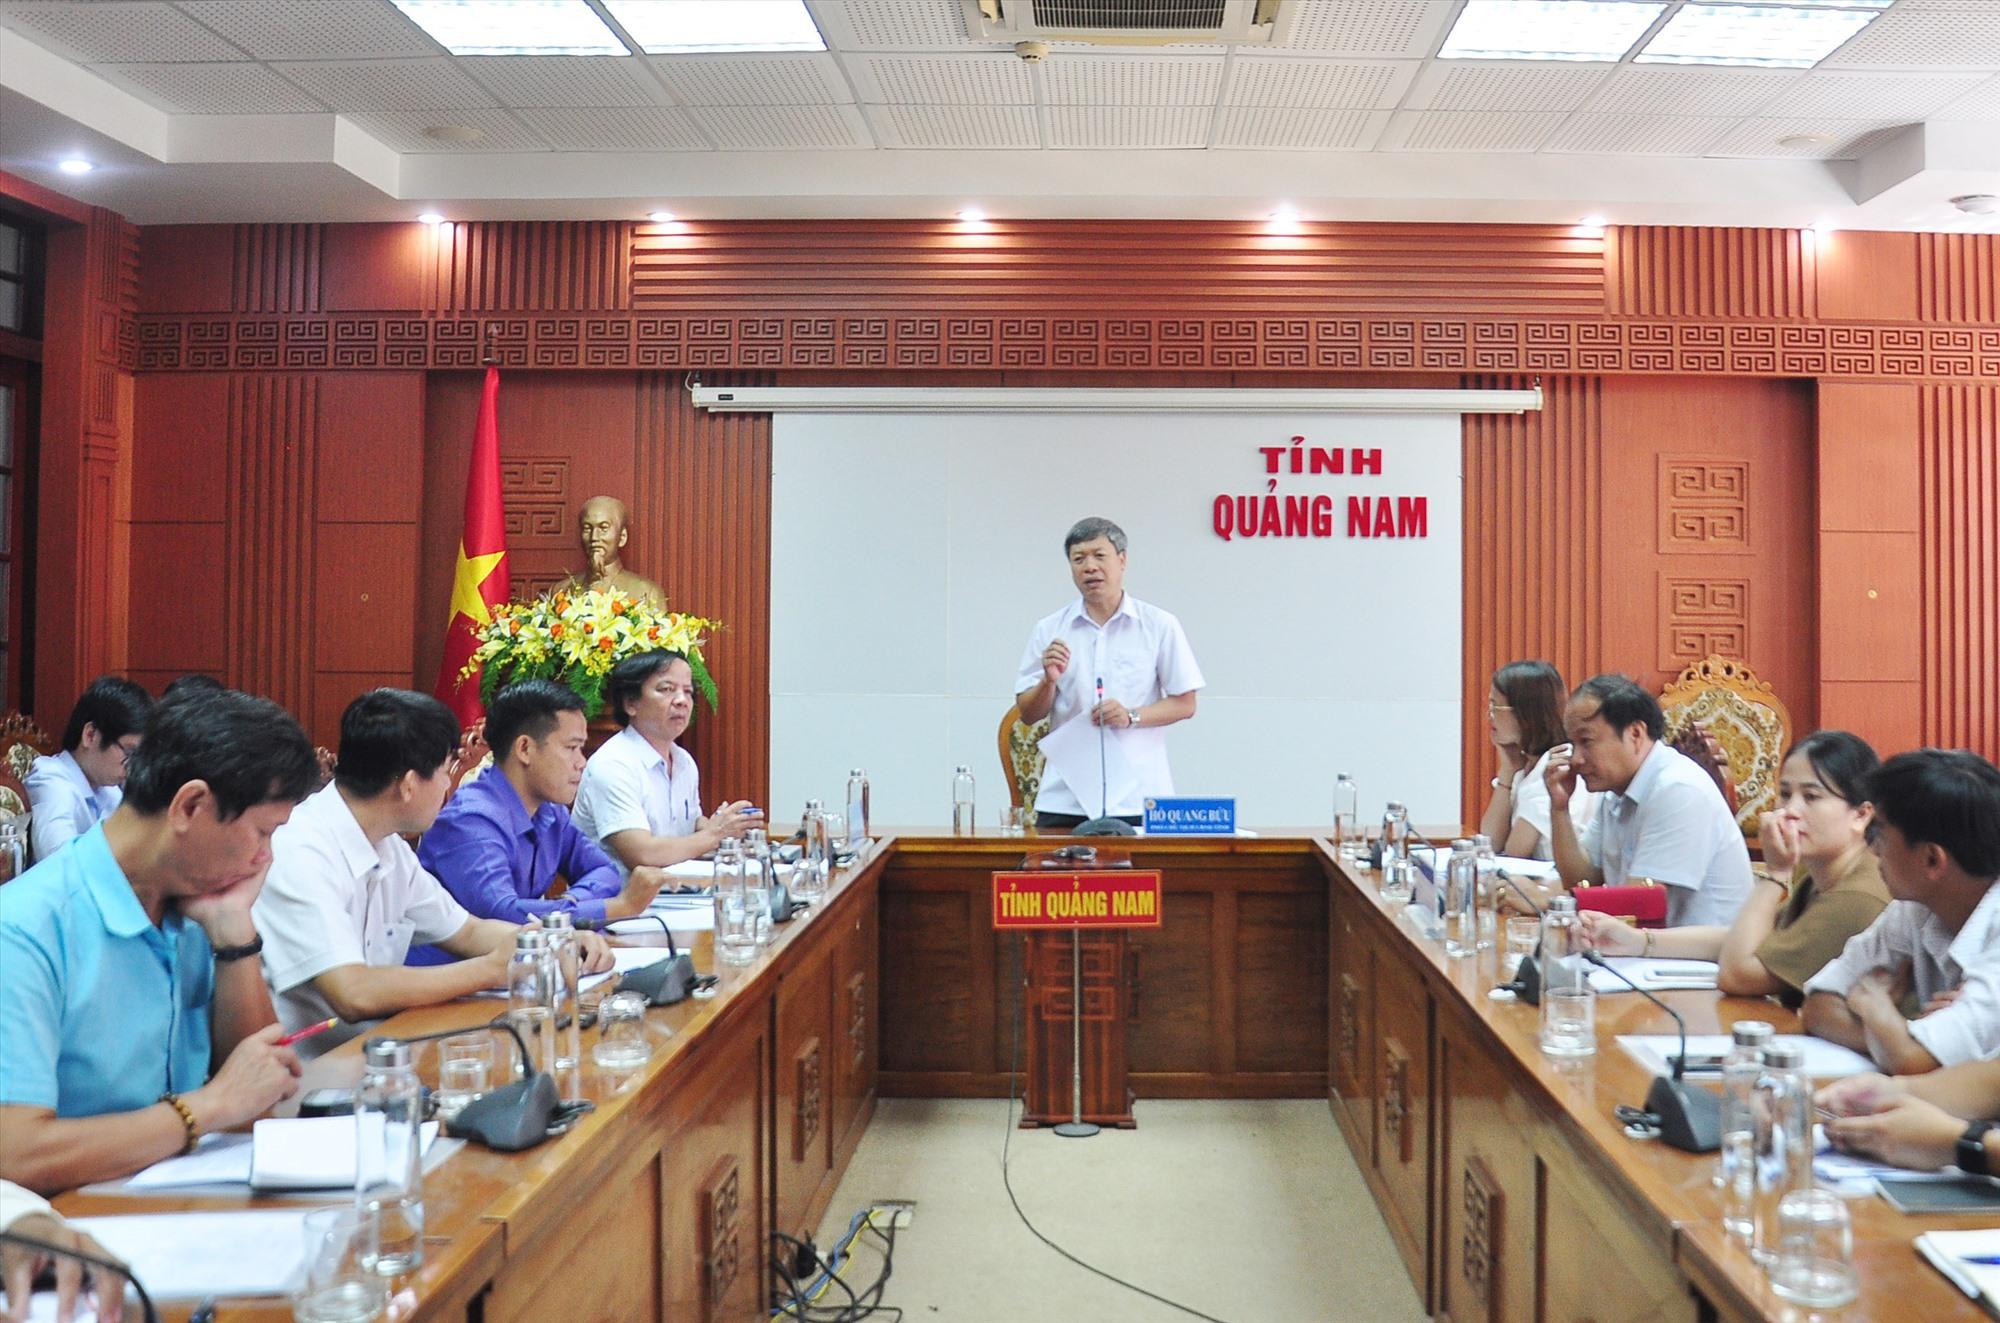 Phó Chủ tịch UBND tỉnh Hồ Quang Bửu phát biểu tại buổi làm việc. Ảnh: VINH ANH